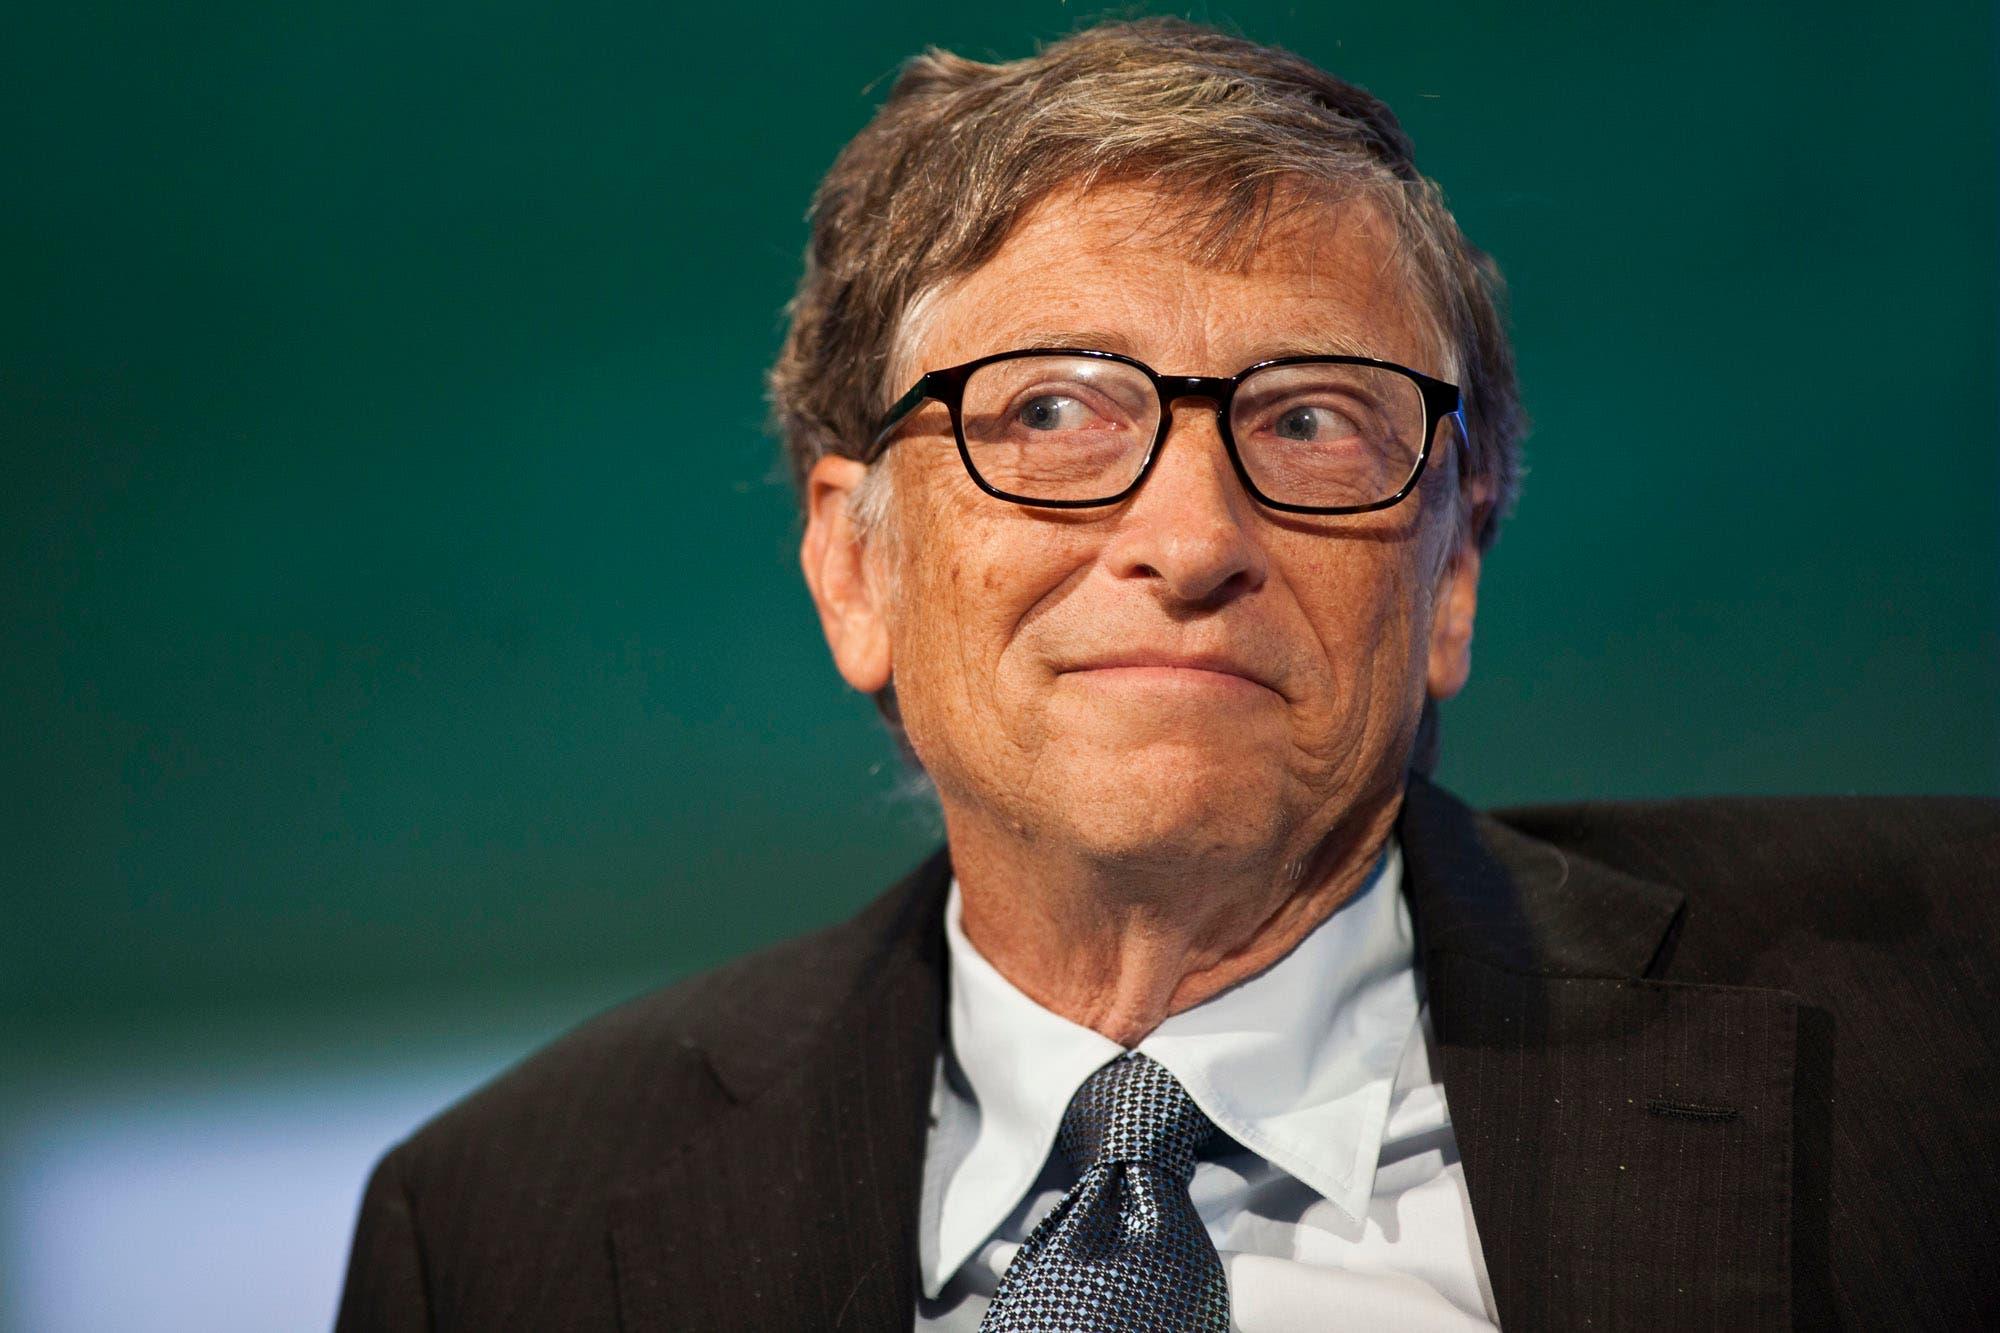 Bill Gates participó en intercambio de regalos y regaló 500 dólares como obsequio